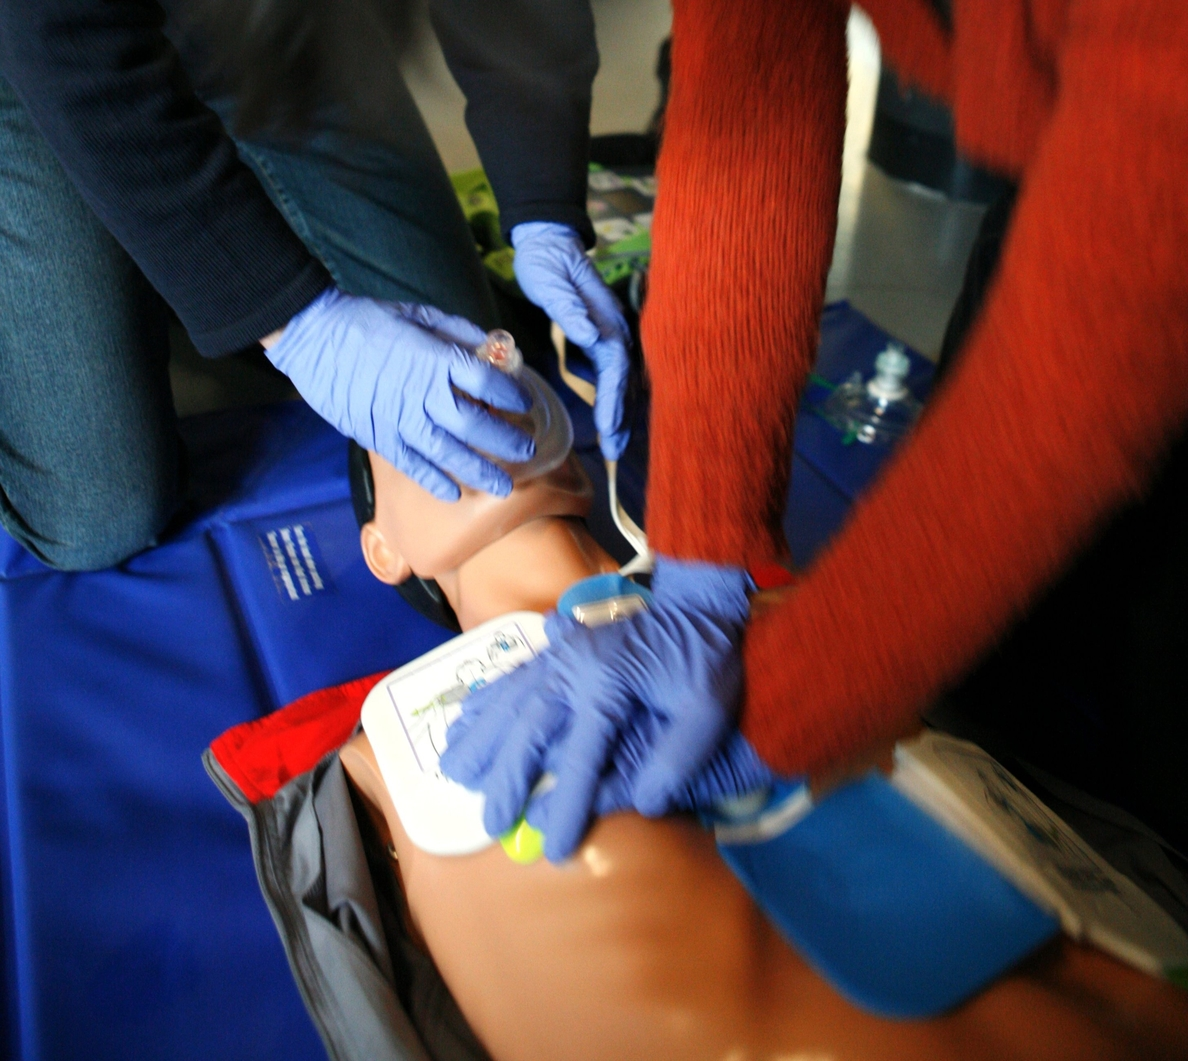 Un masaje cardiaco en los primeros cuatro minutos aumenta las posibilidades de recuperación en más del 50%